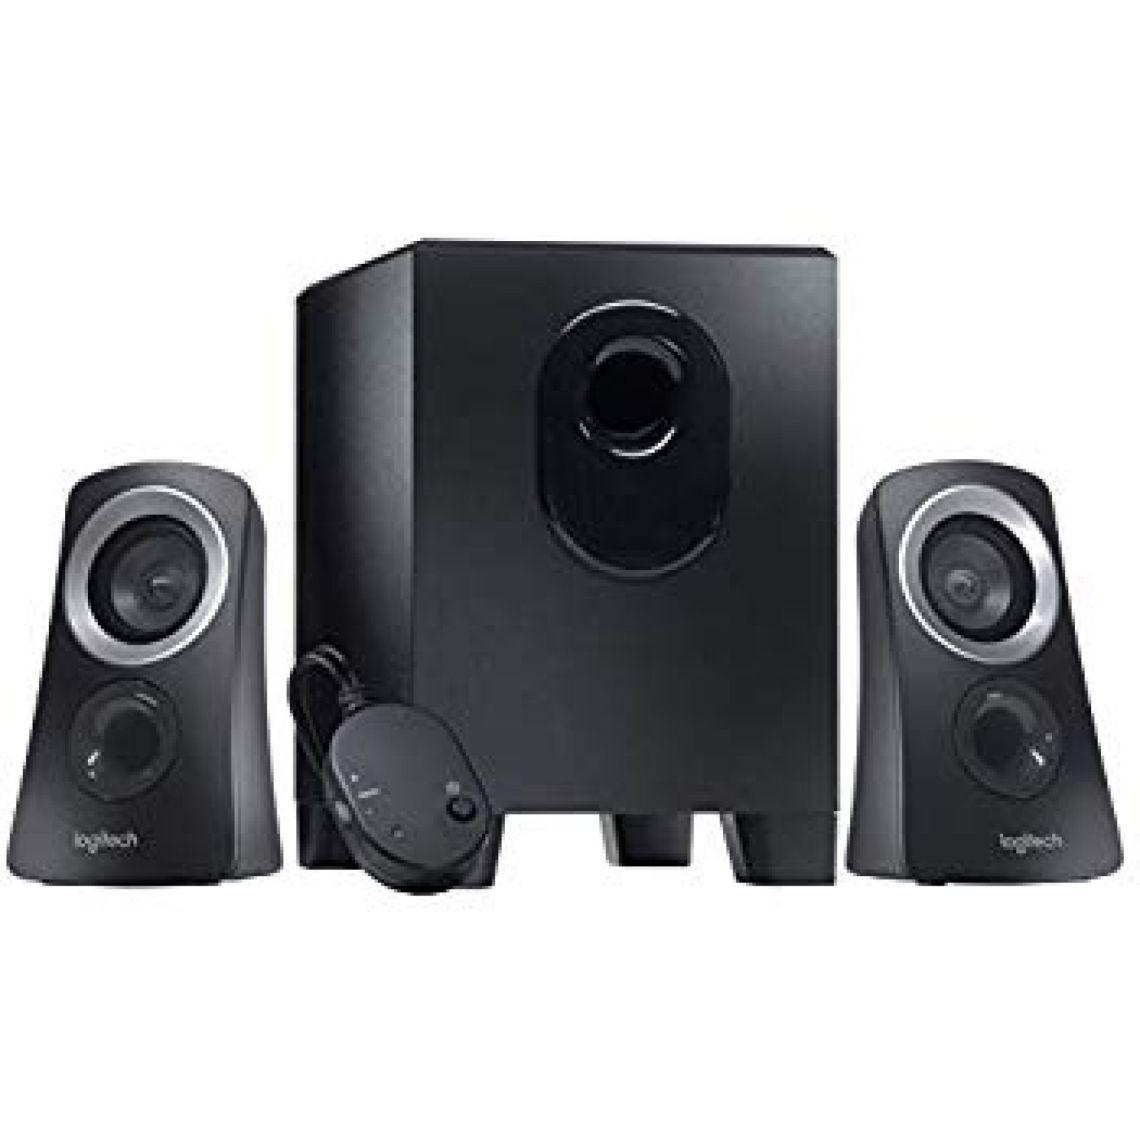 Amazon.com: Logitech Z313 Speaker System: Electronics